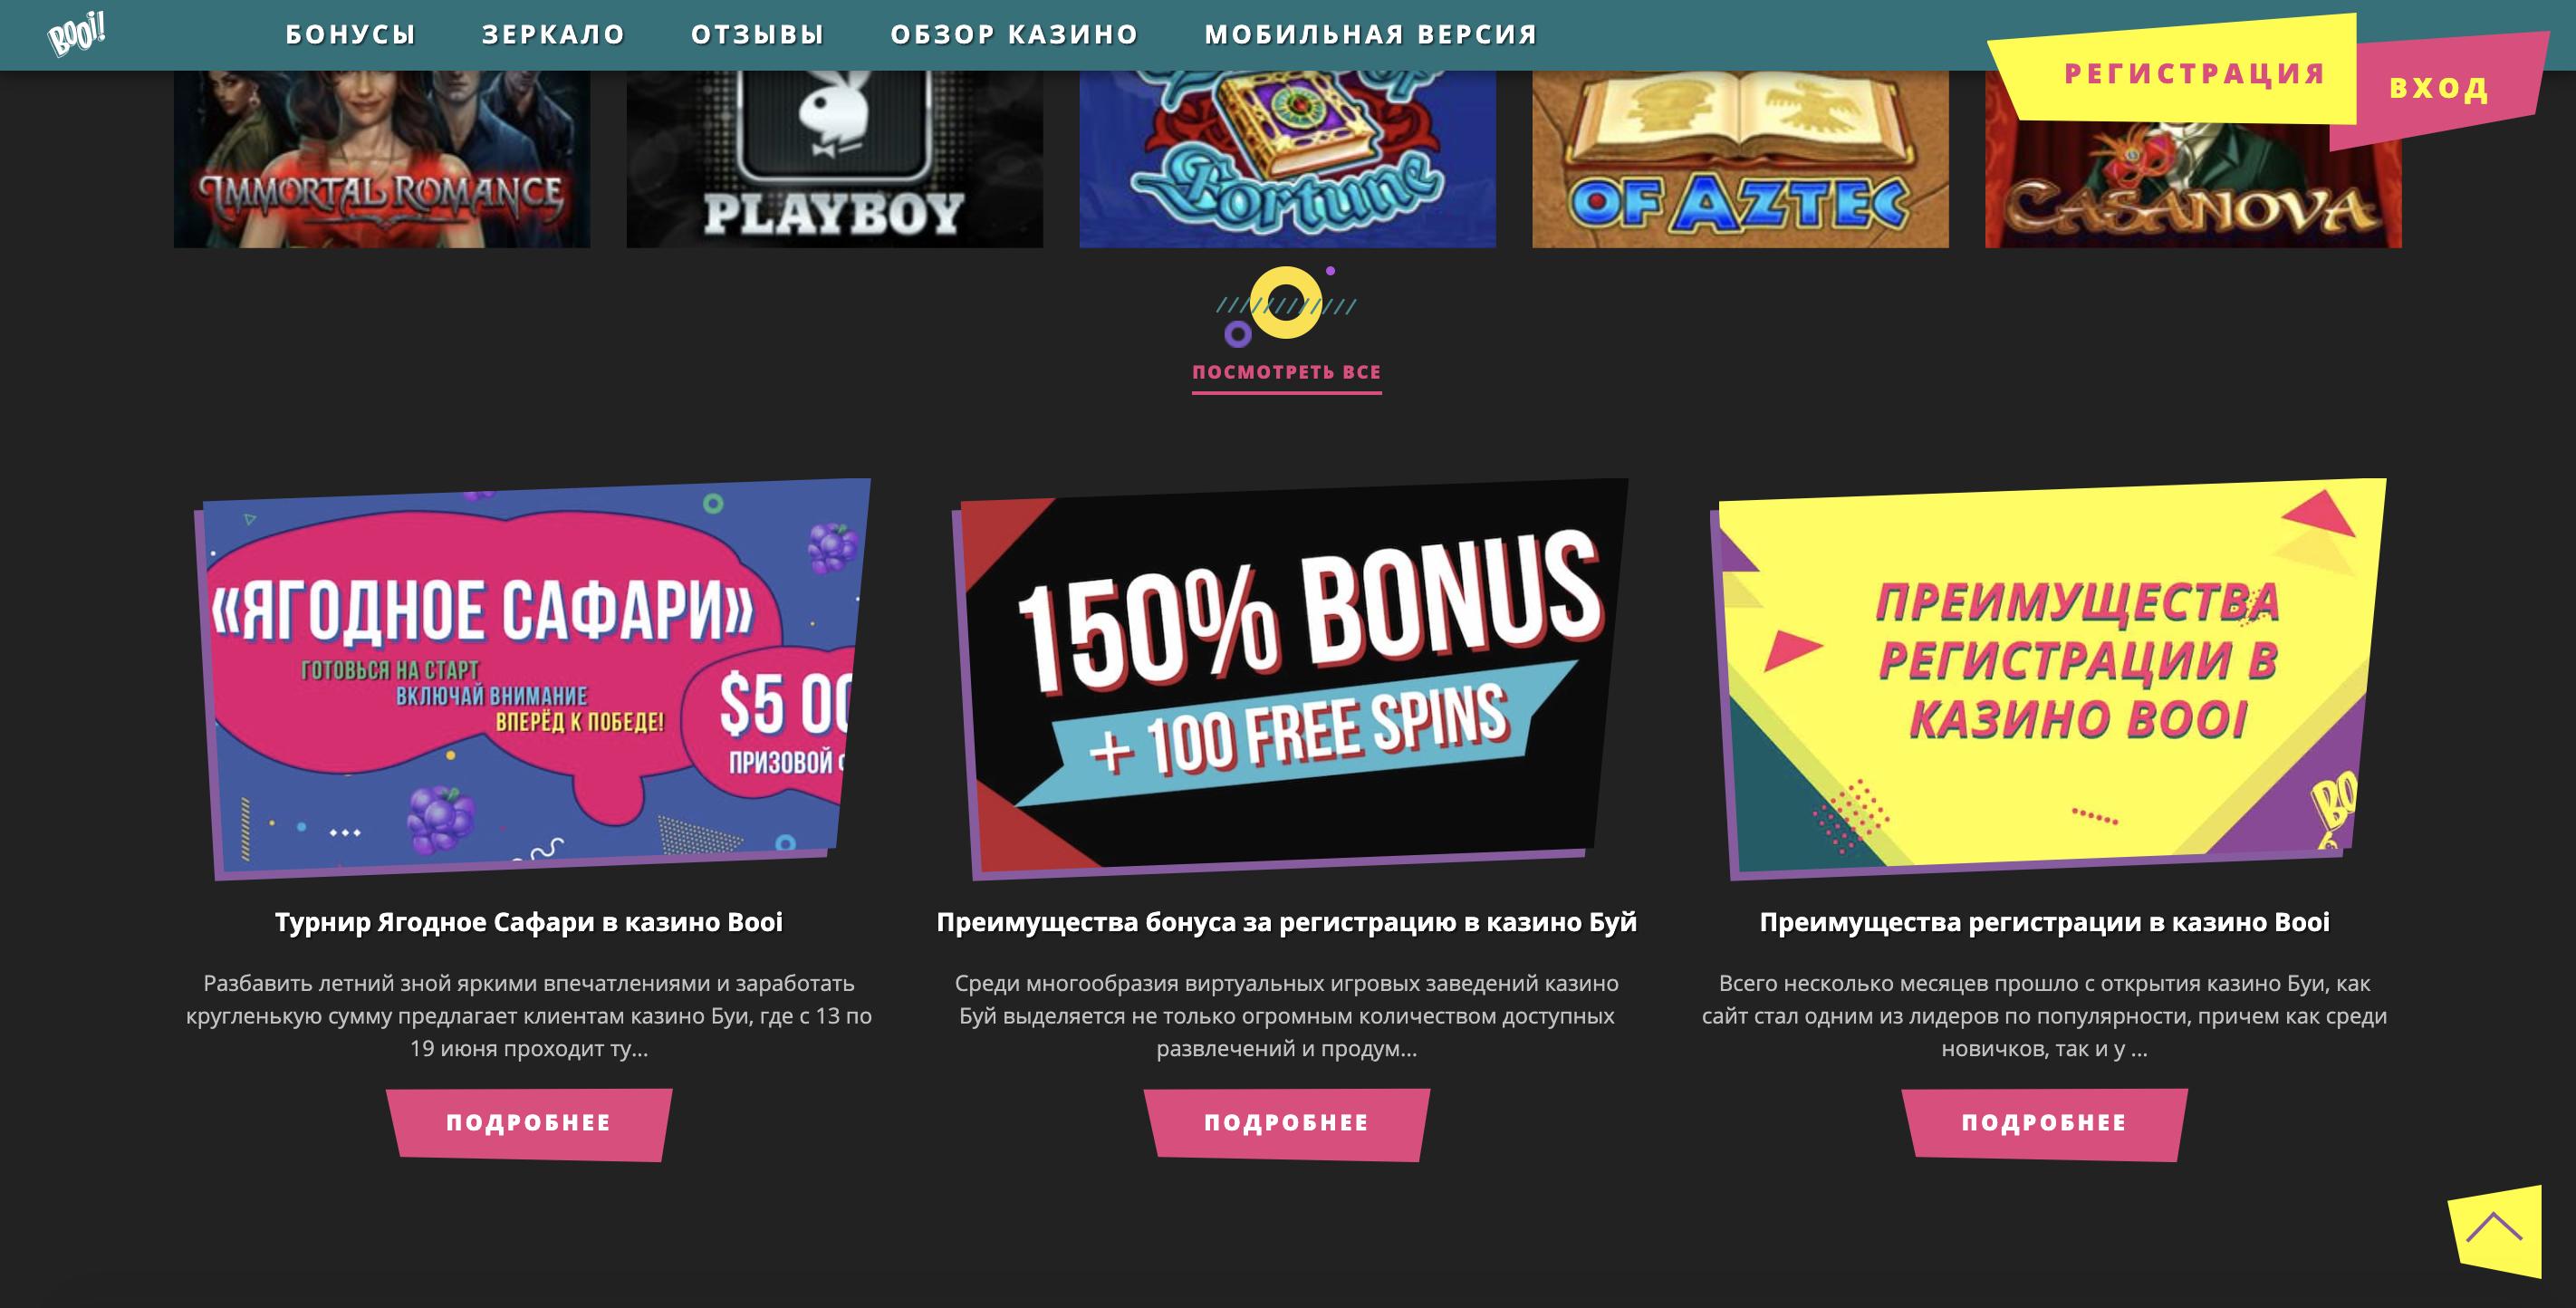 лучшие сайты для покера на деньги